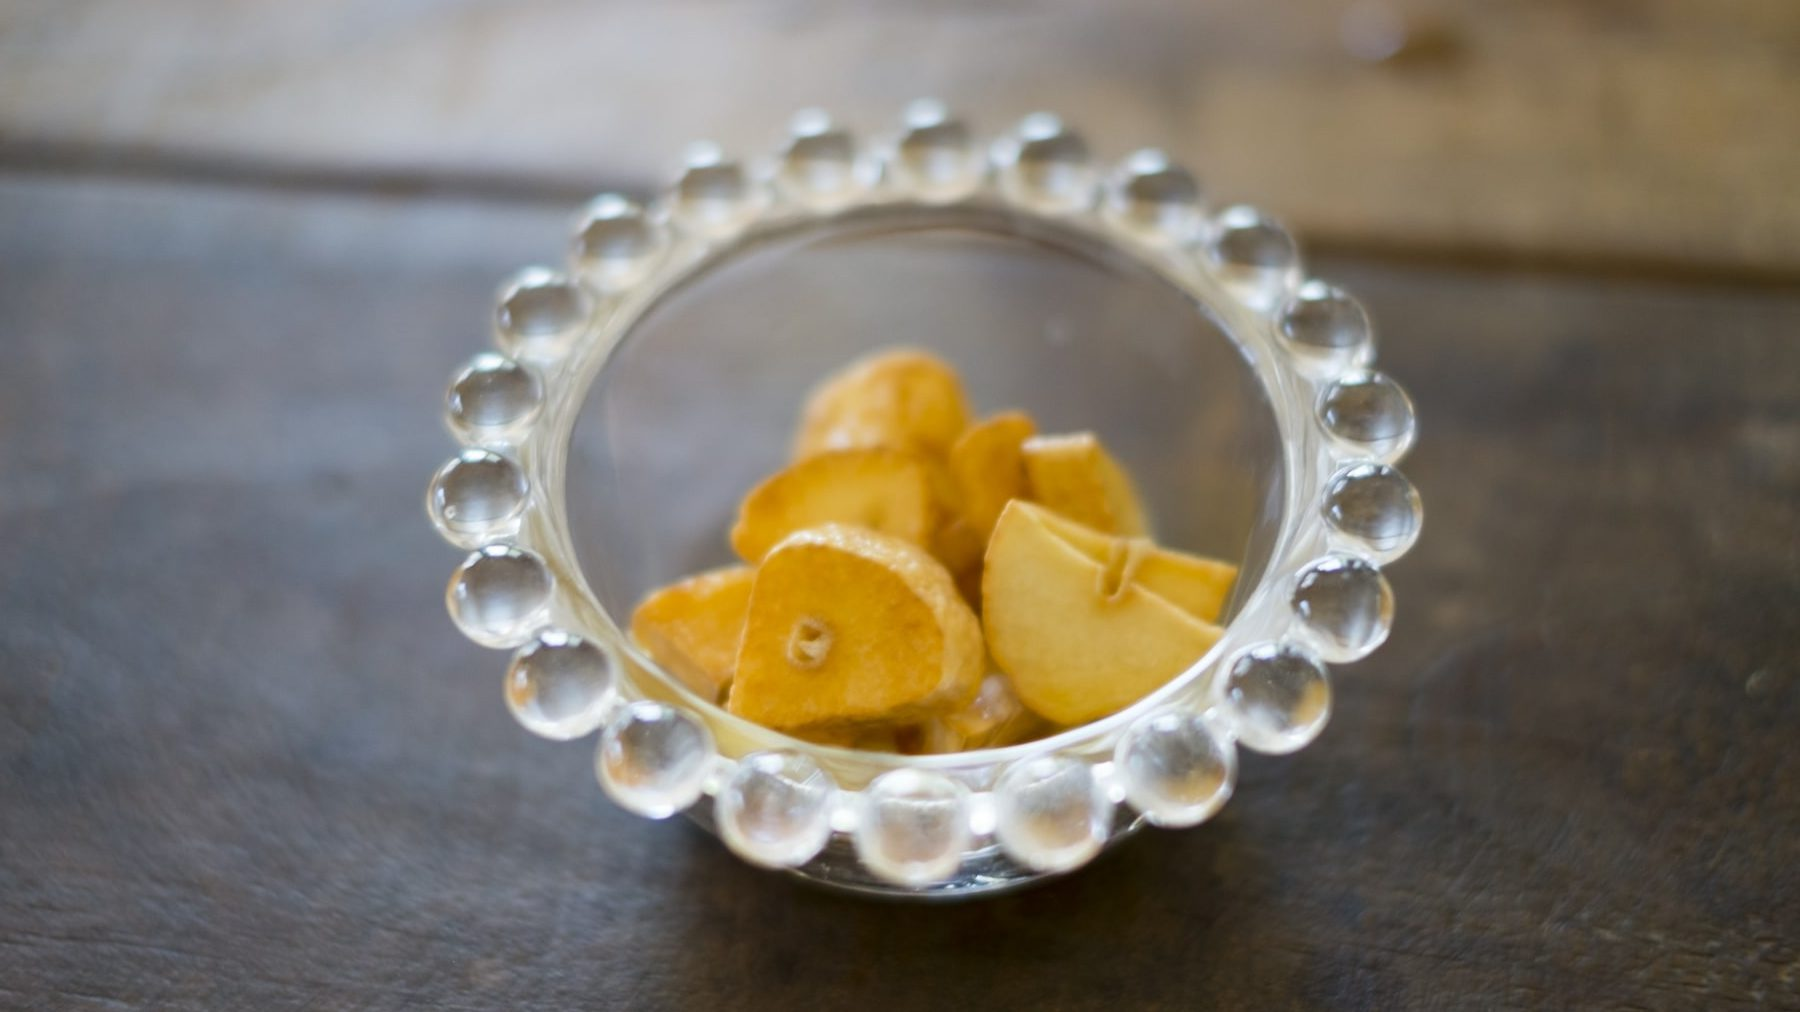 透明のお皿に入ったフライドガーリック